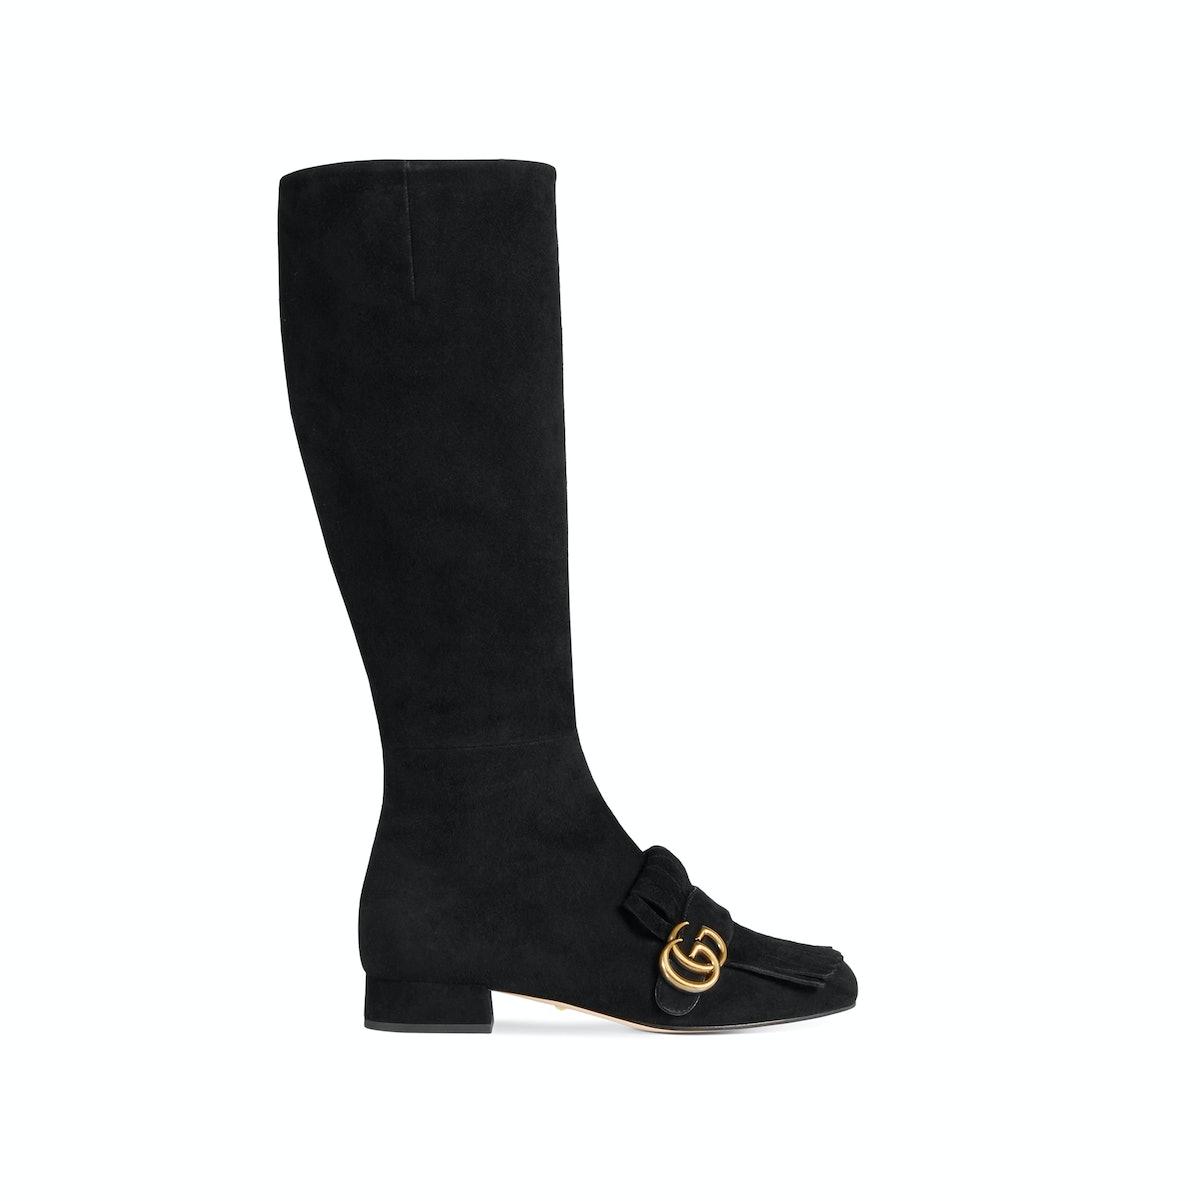 Gucci, $1,495, gucci.com.